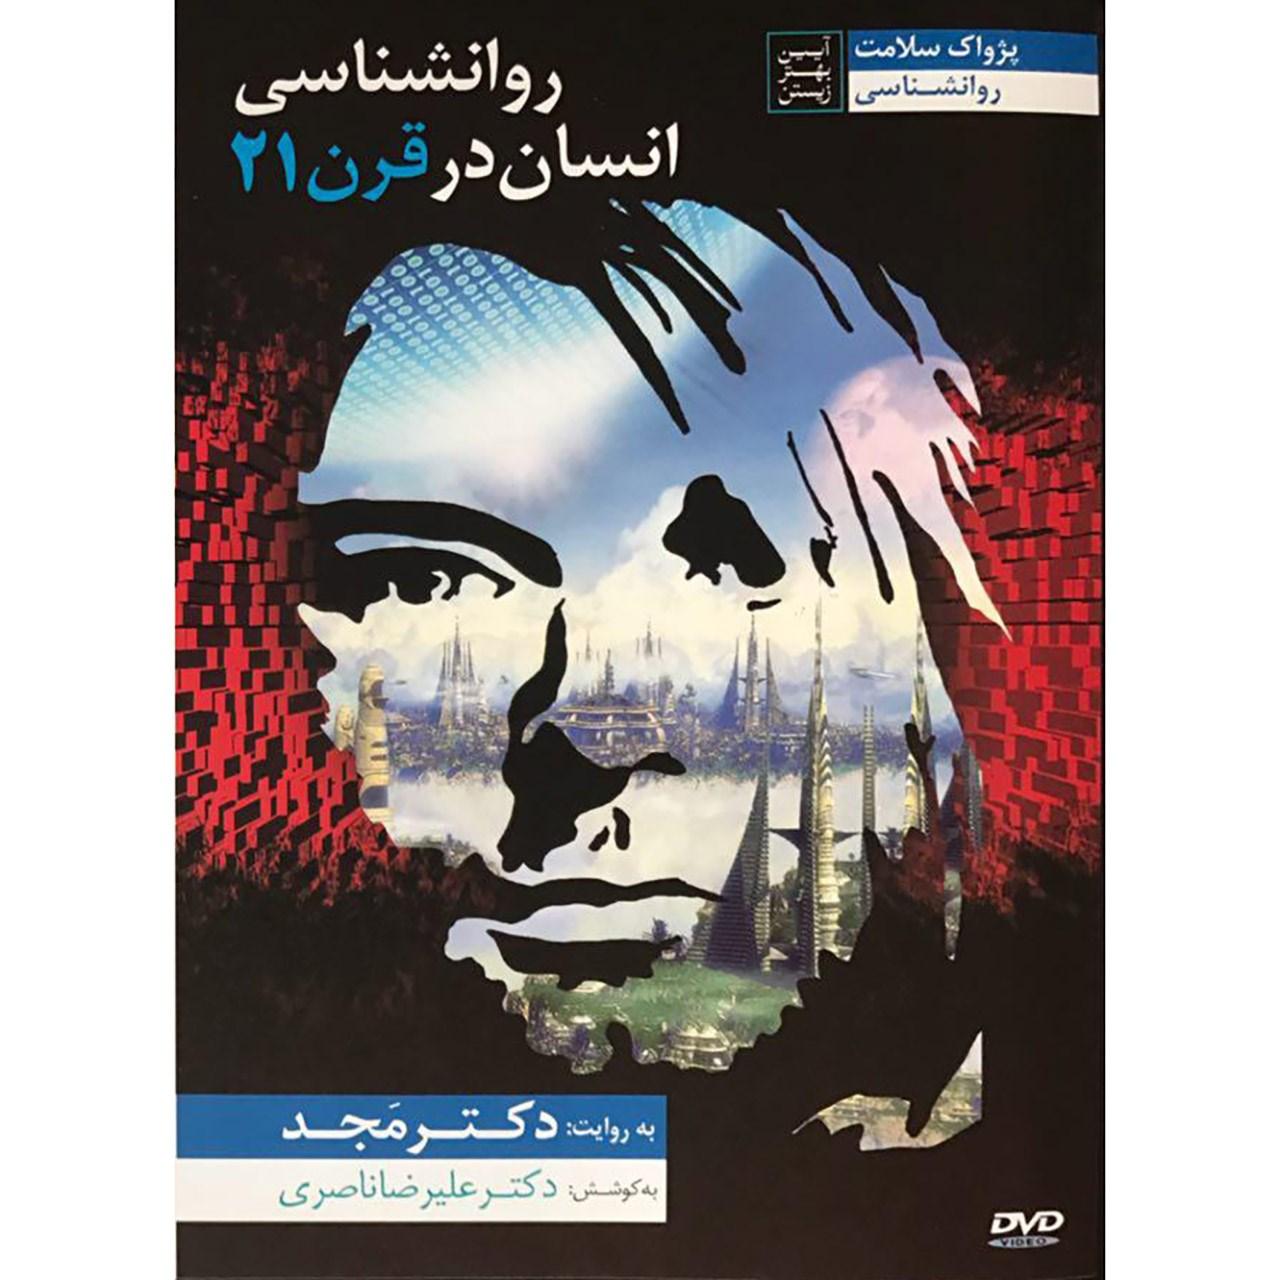 فیلم آموزشی روانشناسی انسان در قرن 21 اثر محمد مجد